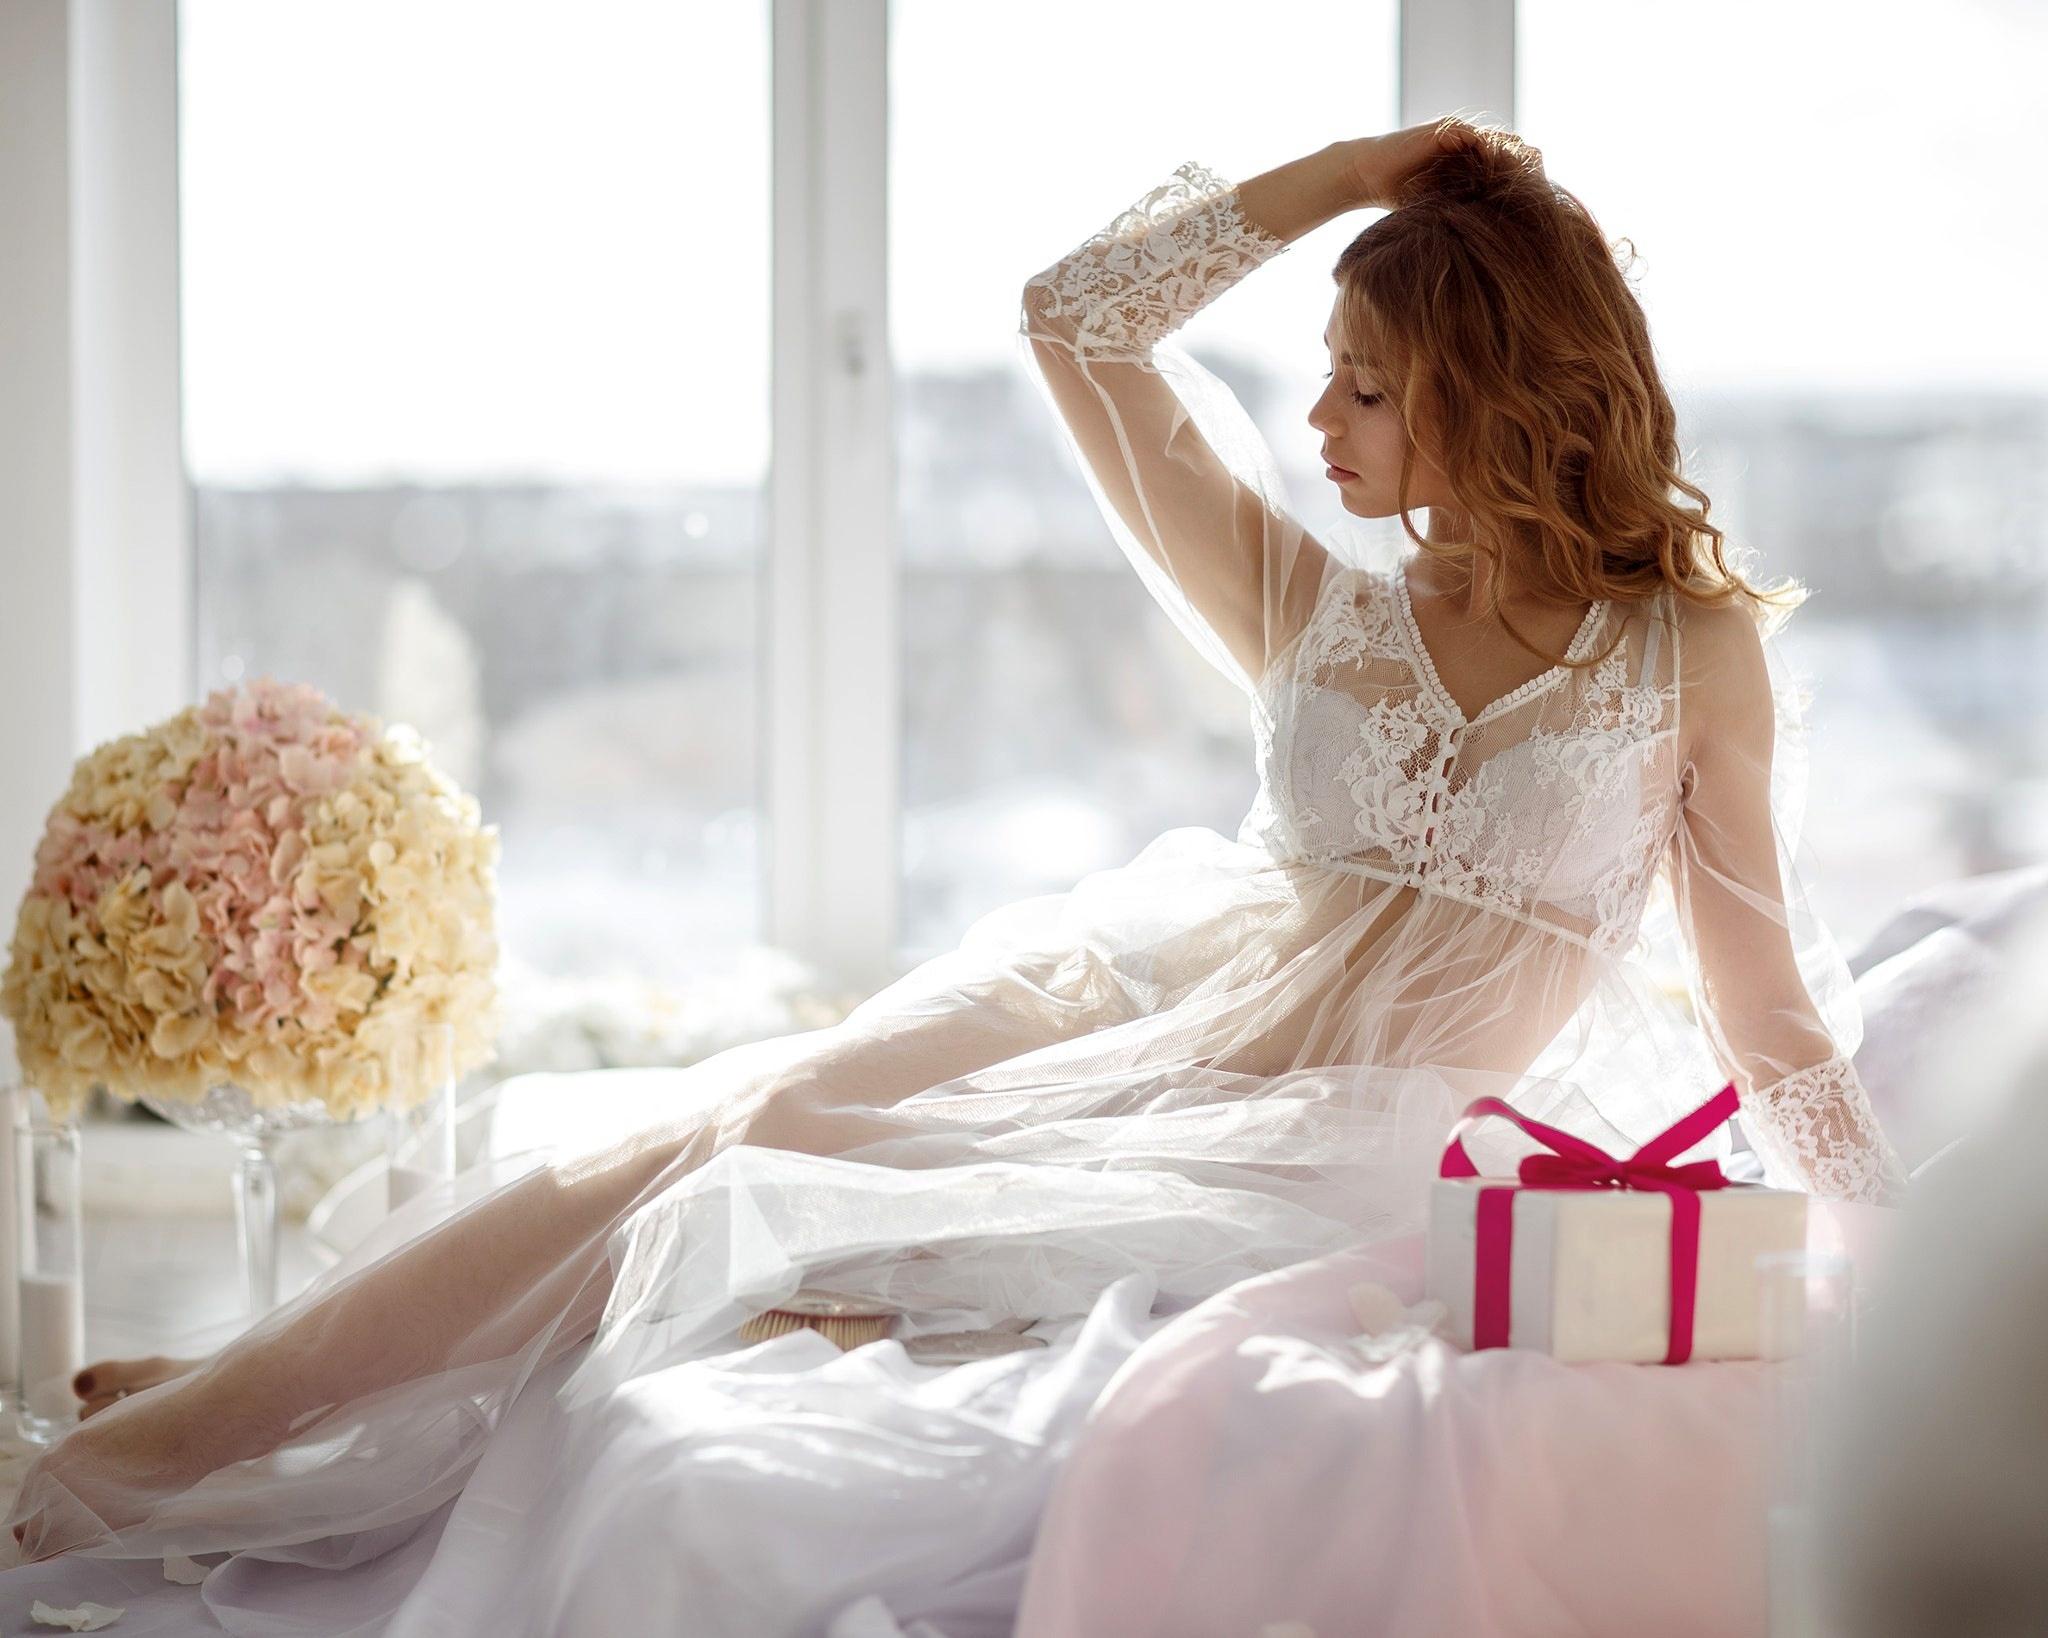 невеста в нижнем белье для брачной ночи фото проходят